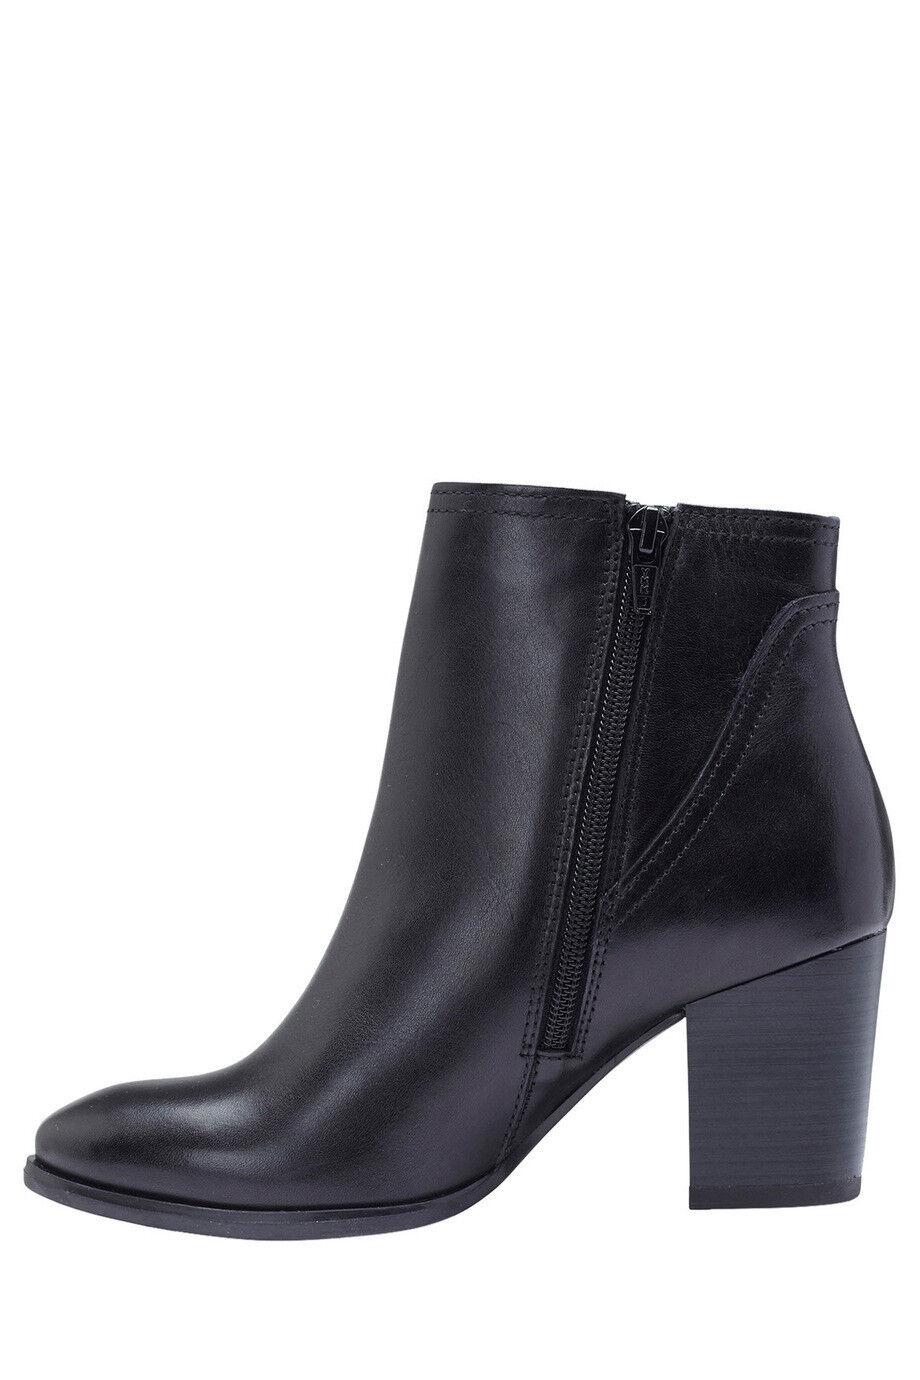 Man's/Woman's NEW Sandler Eagle Black Glove Boot bargain buy unique